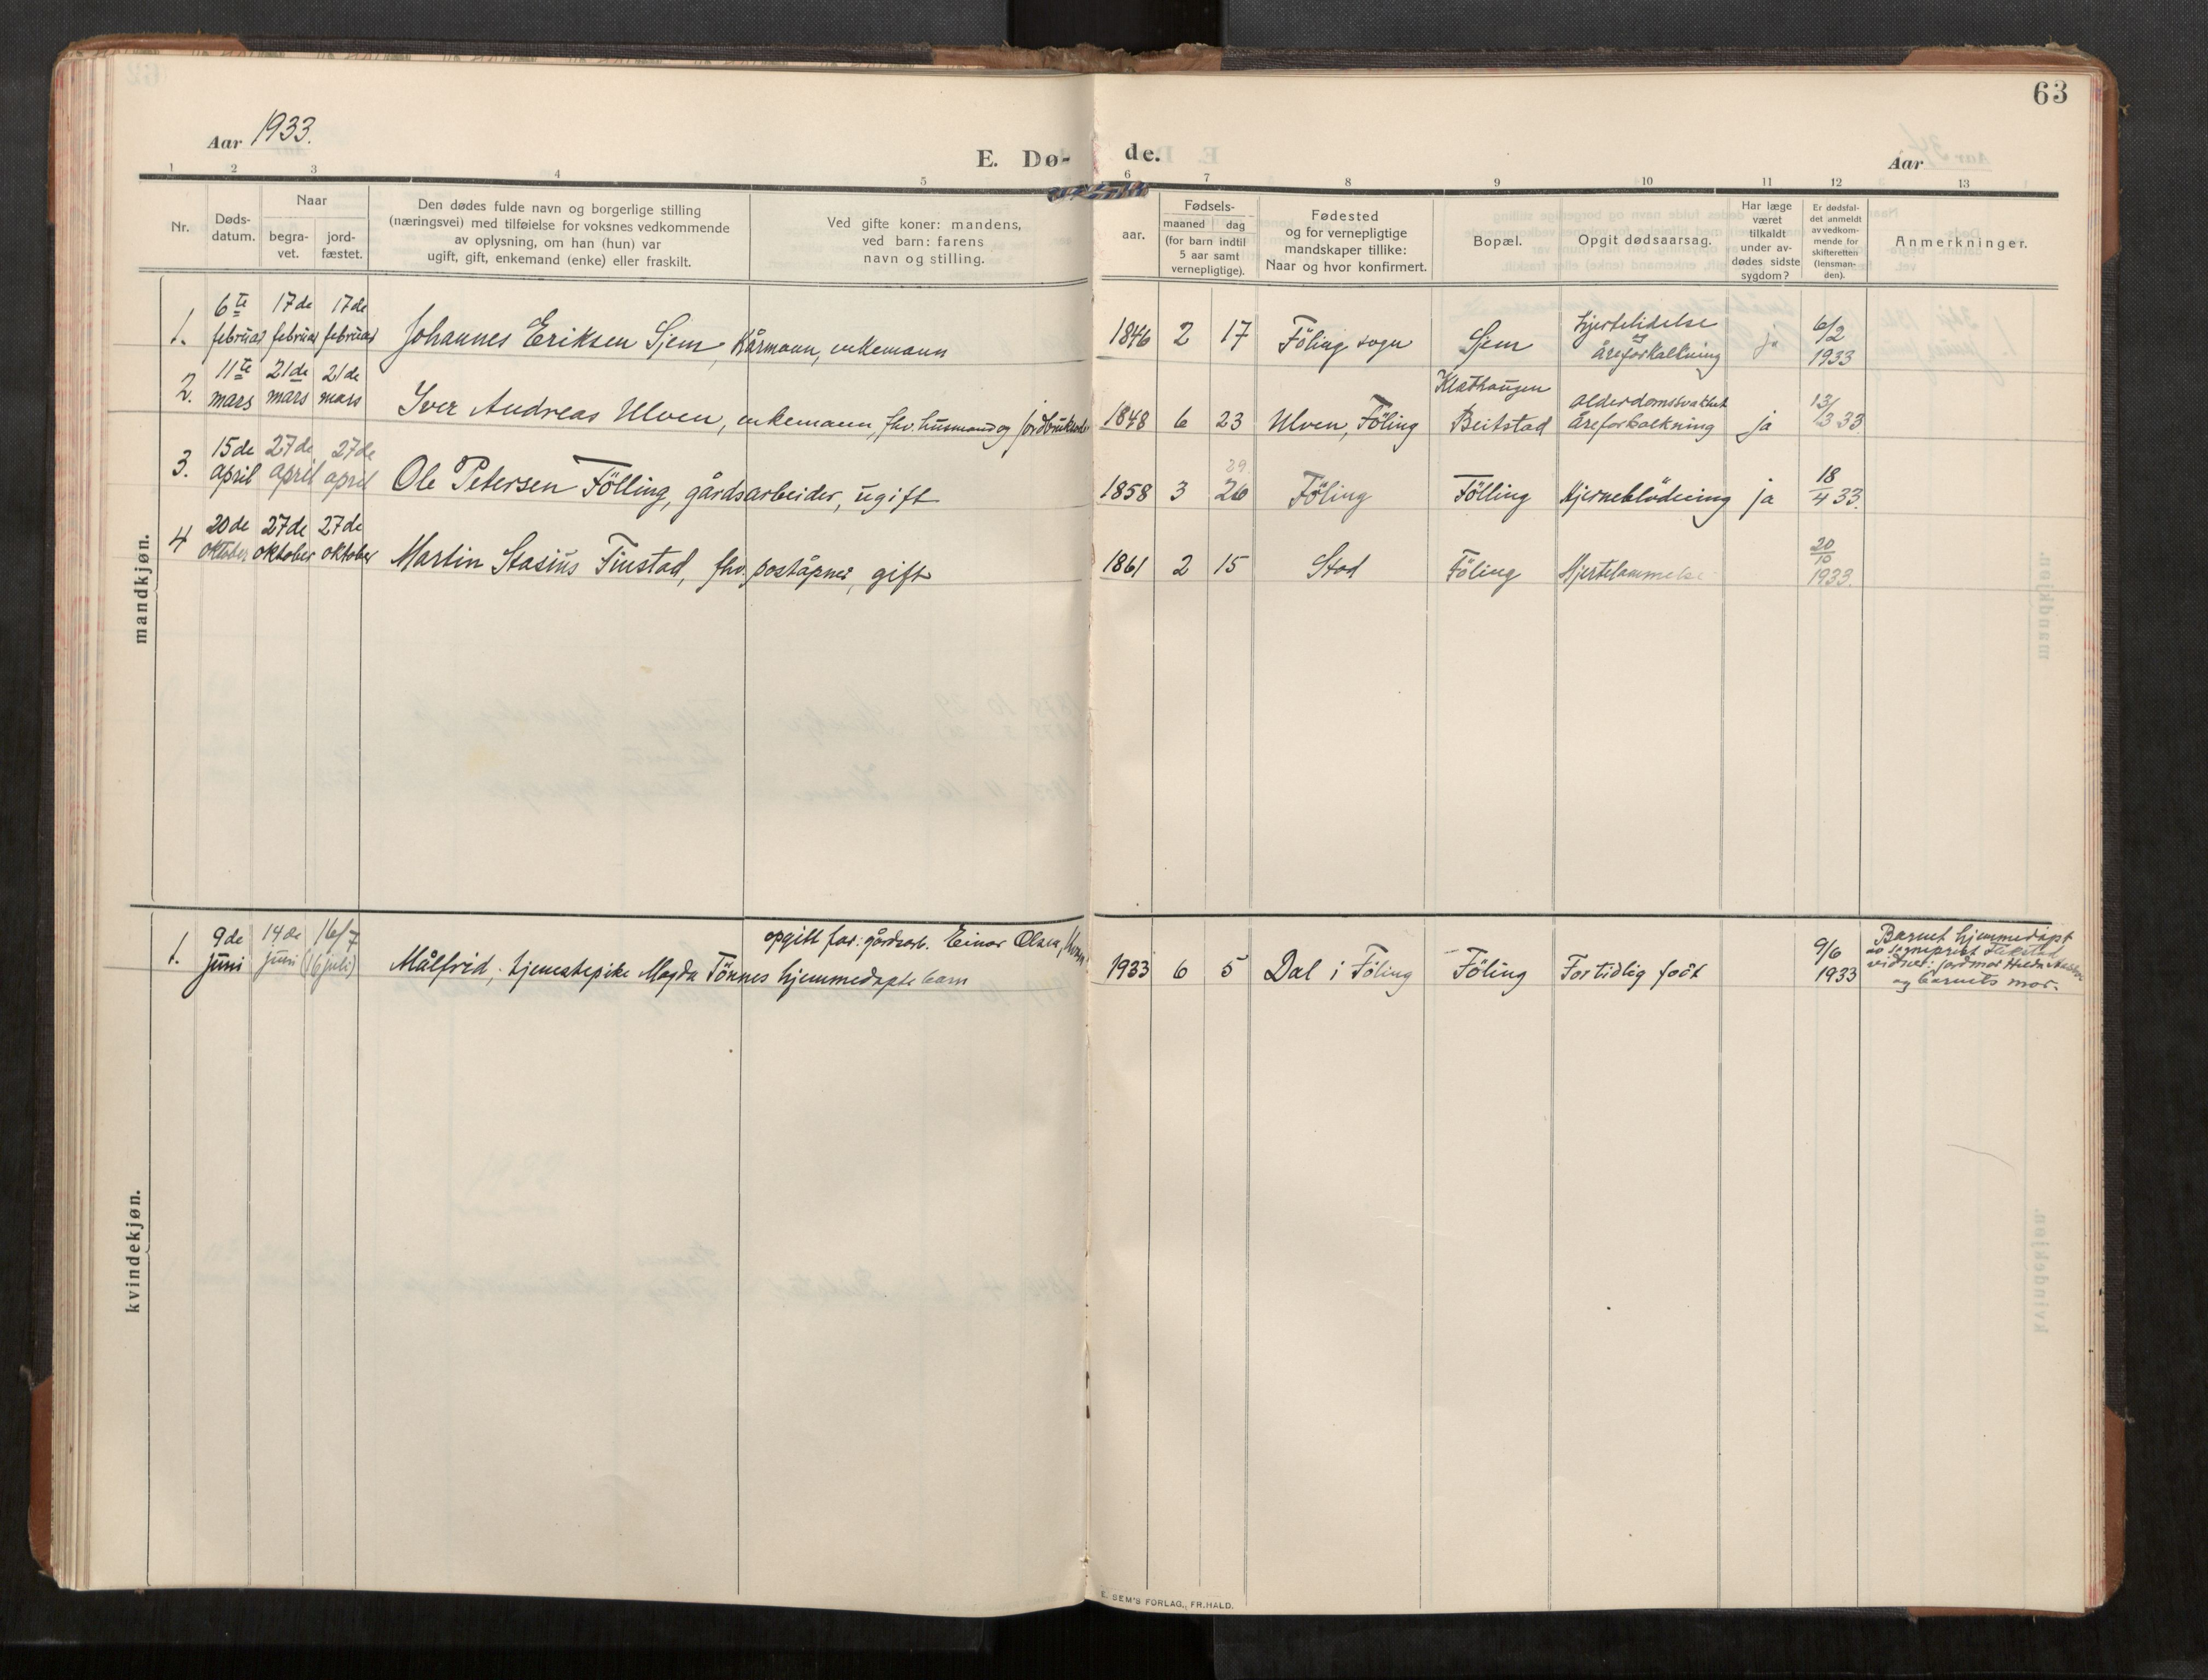 SAT, Stod sokneprestkontor, I/I1/I1a/L0003: Parish register (official) no. 3, 1909-1934, p. 63